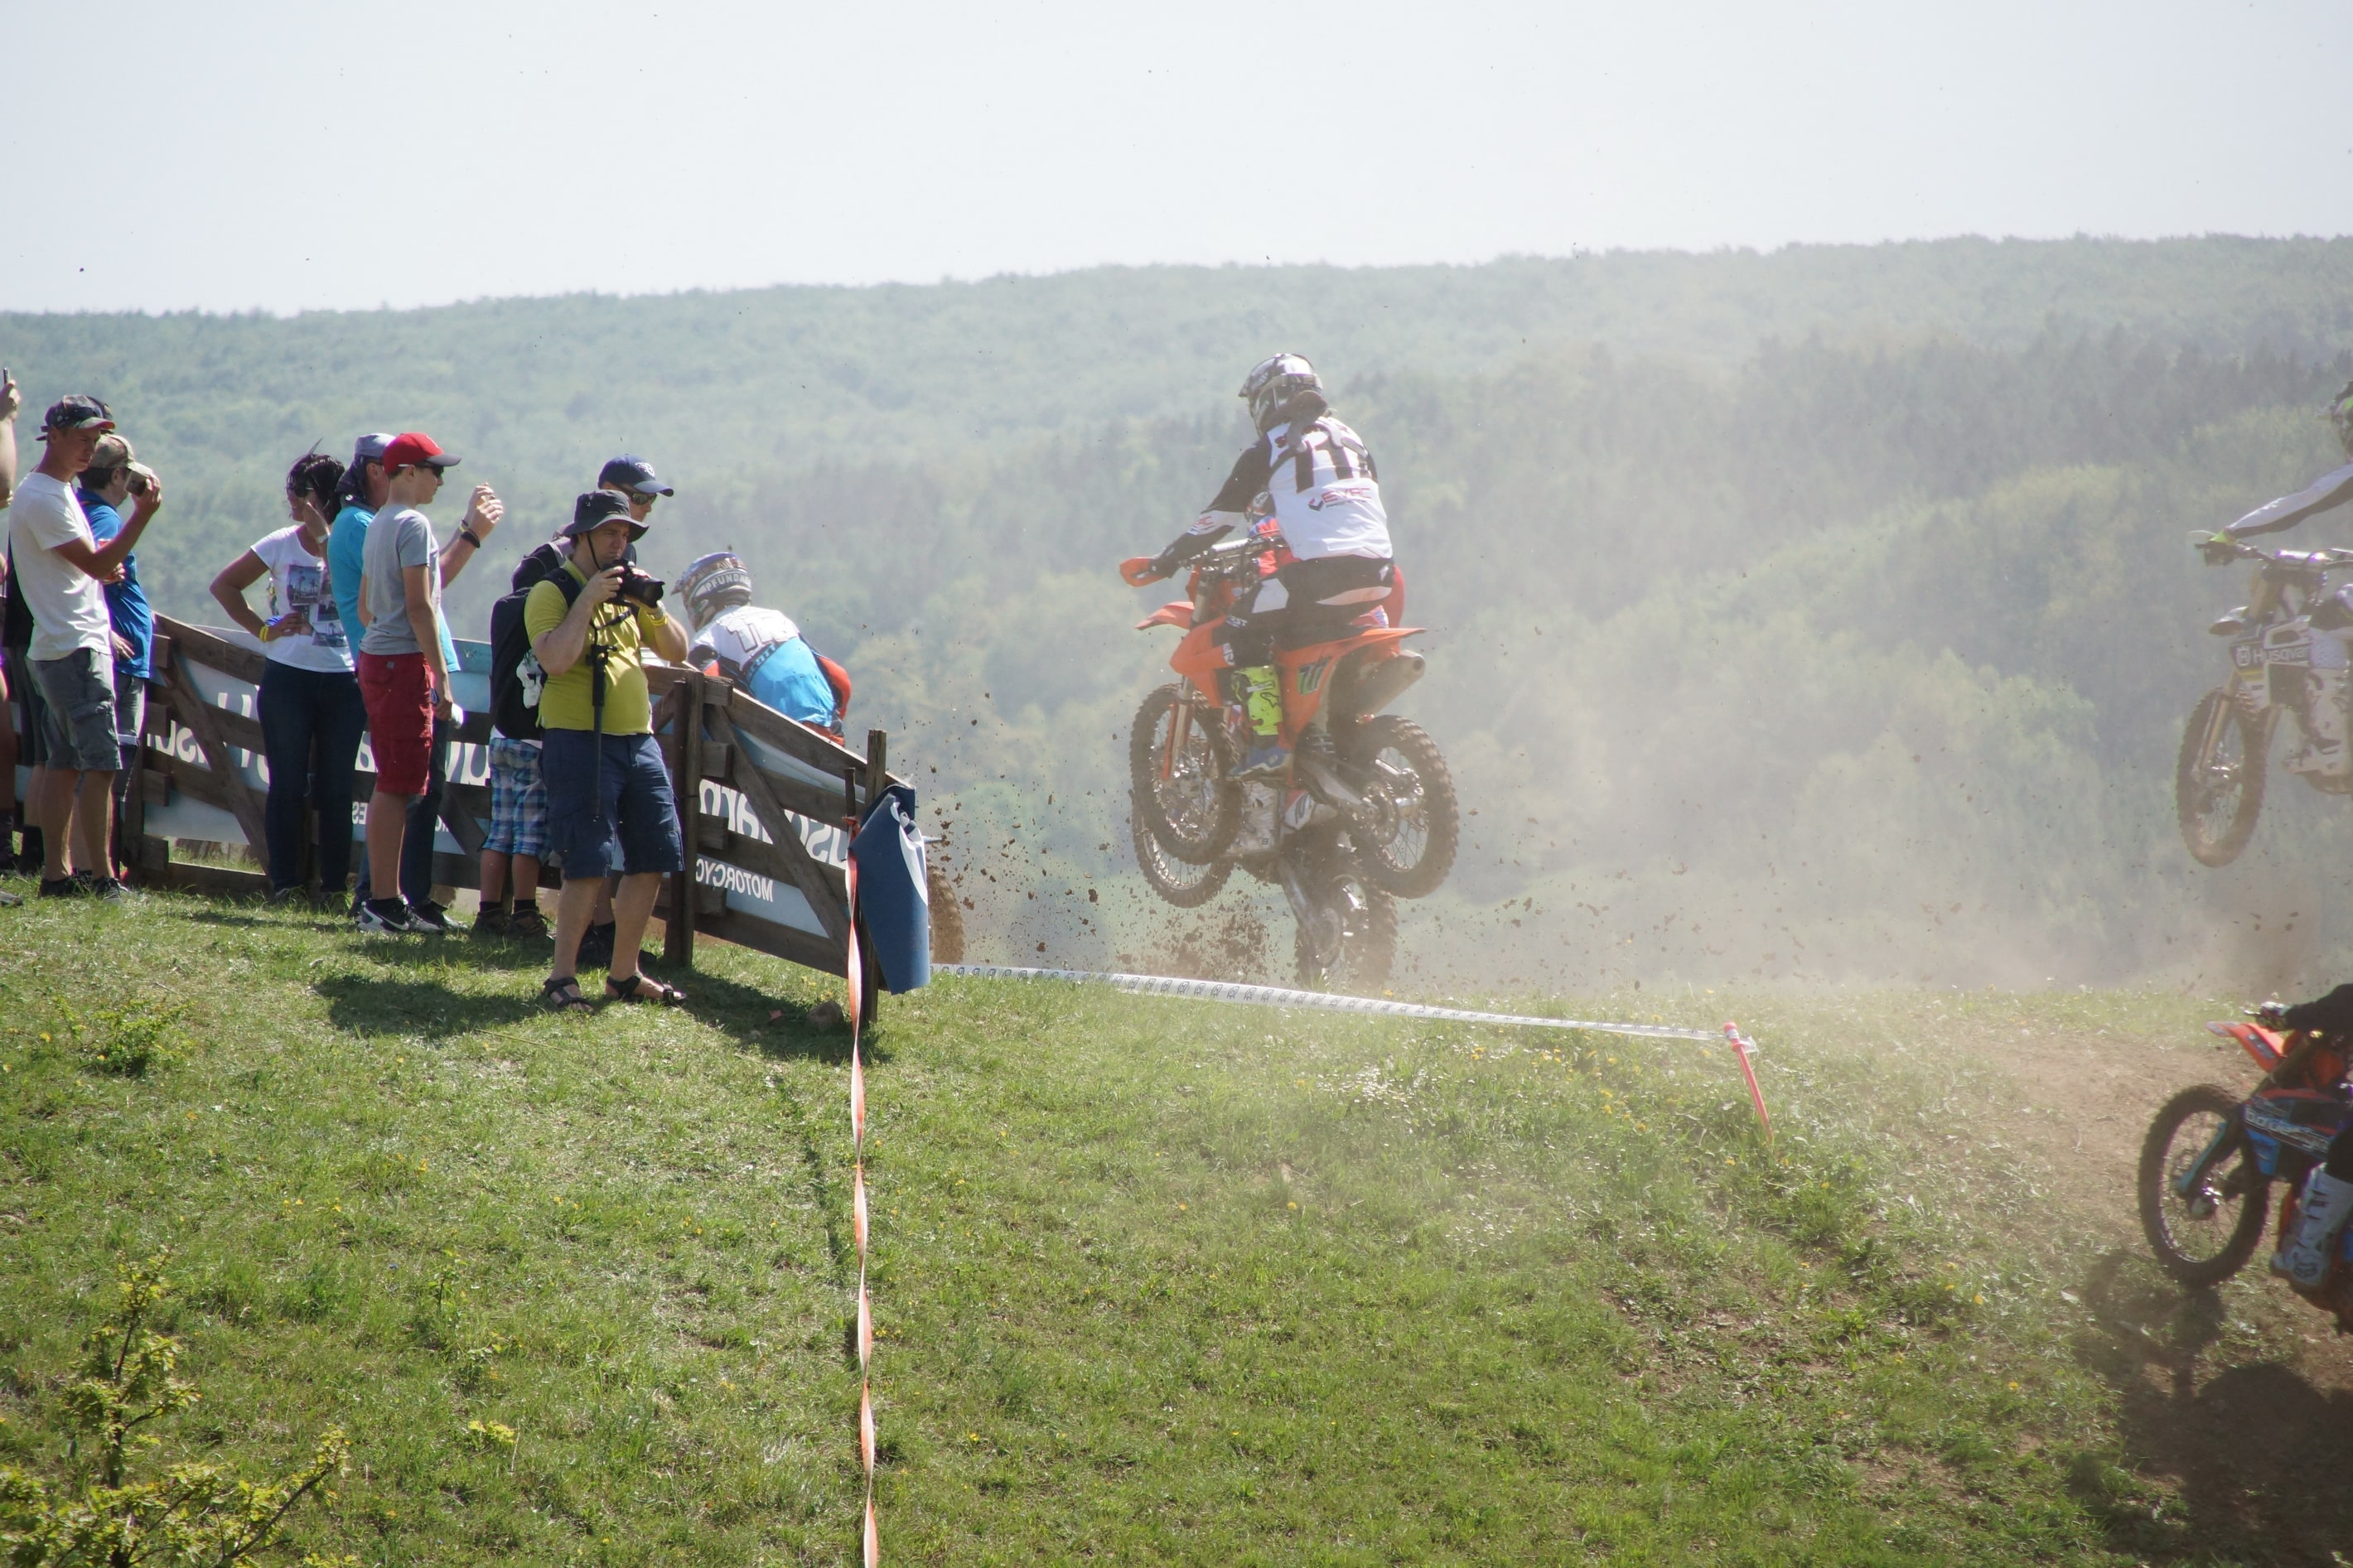 DSC1130_Moto Cross Sittendorf